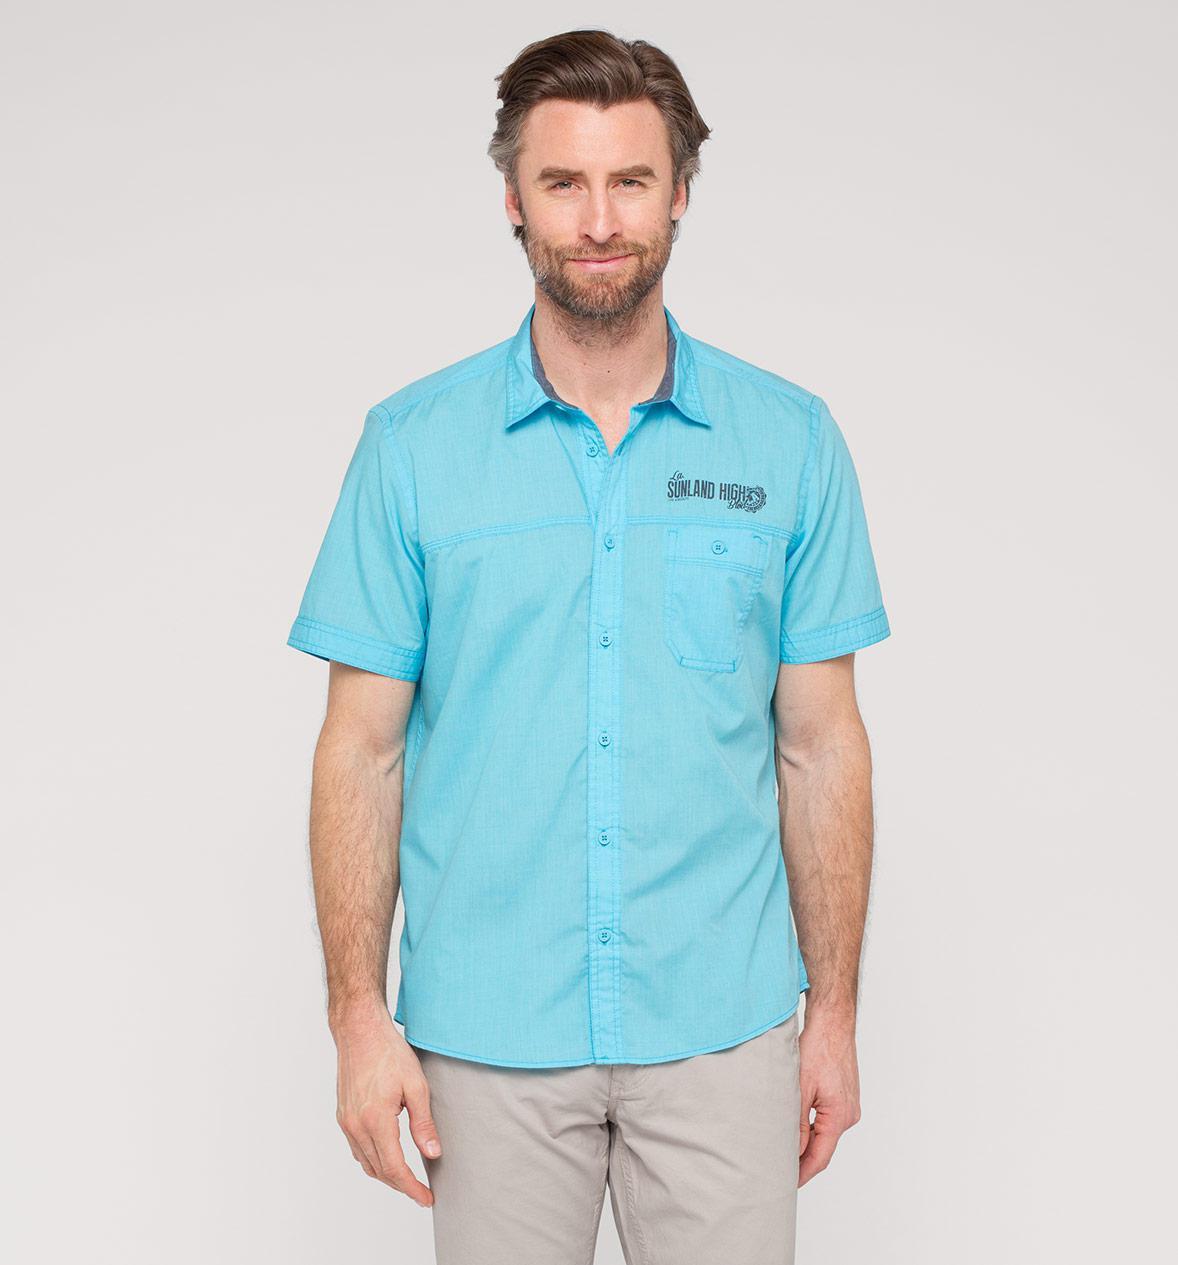 Jusqu'à 62,5% de réduction sur une sélection d'articles - Ex : Chemise courtes homme bleu clair homme